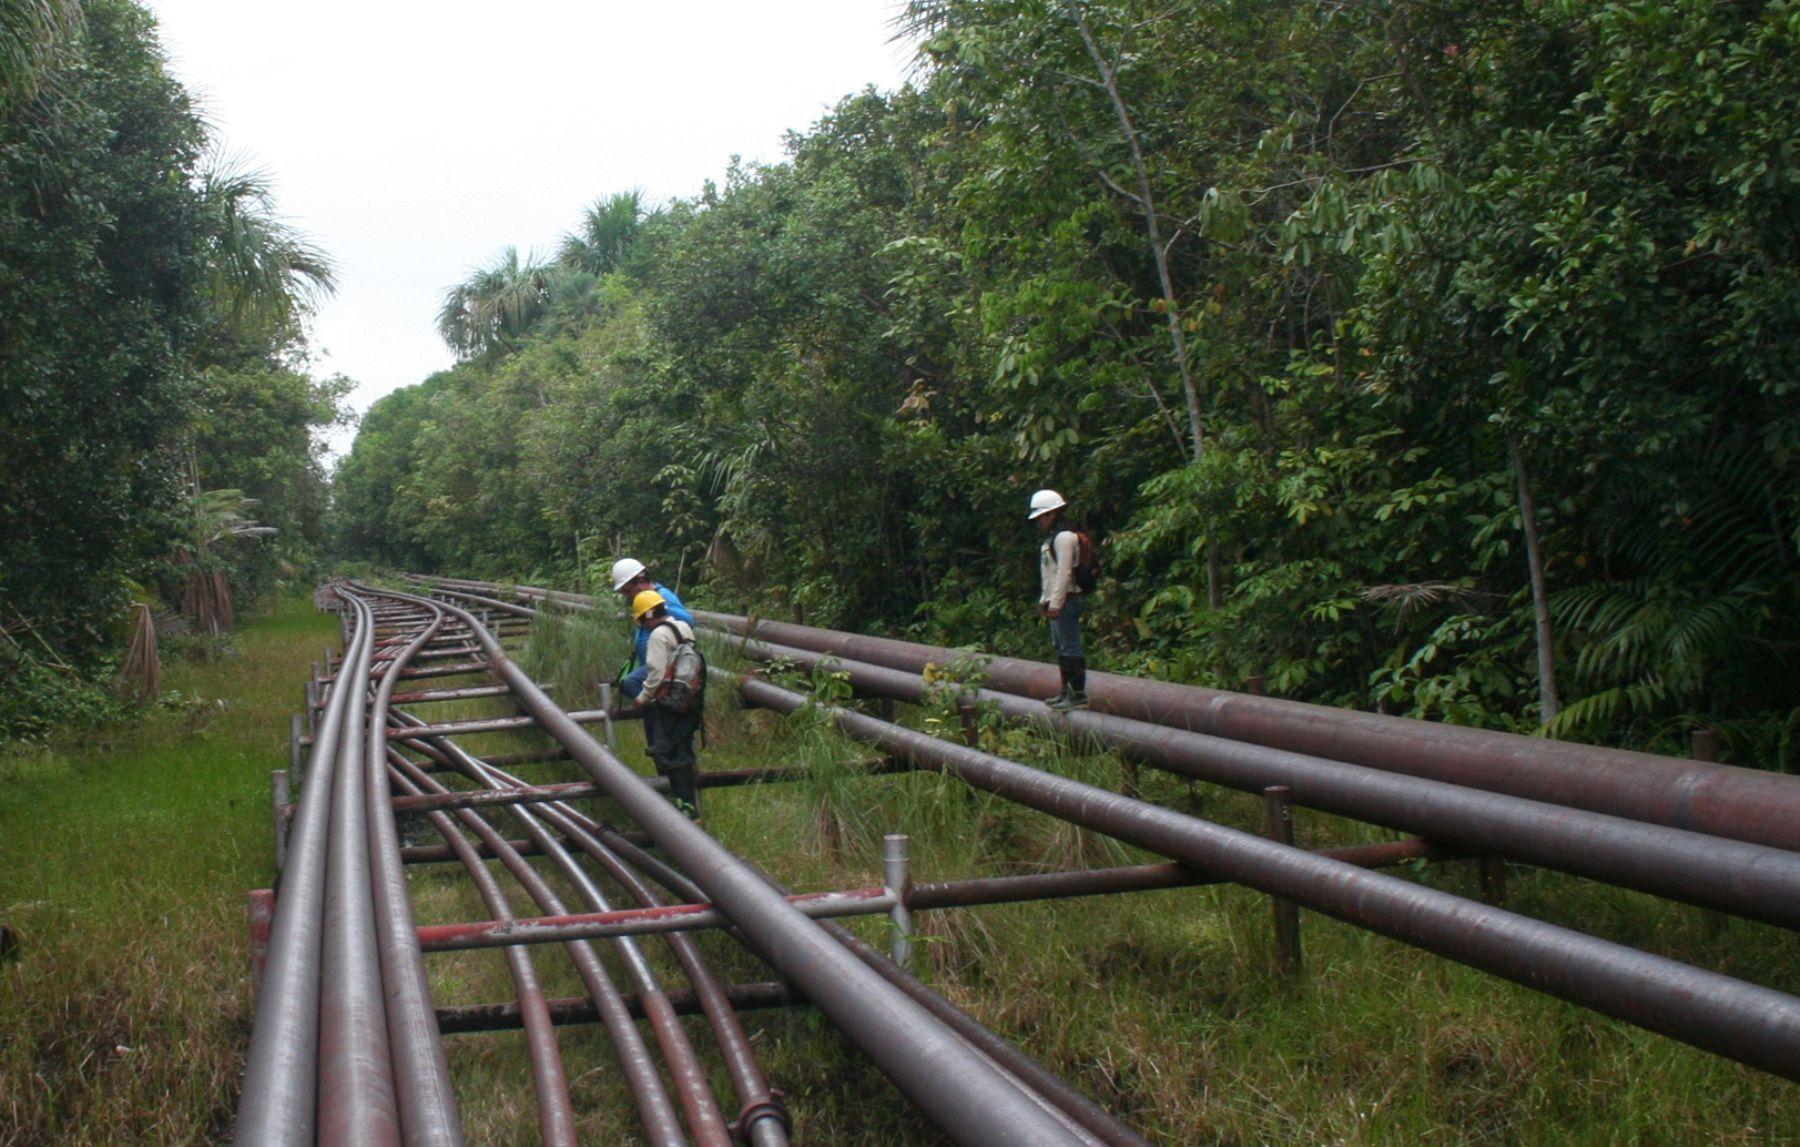 Se pierden 10,000 barriles diarios de petróleo por inoperatividad del oleoducto norperuano